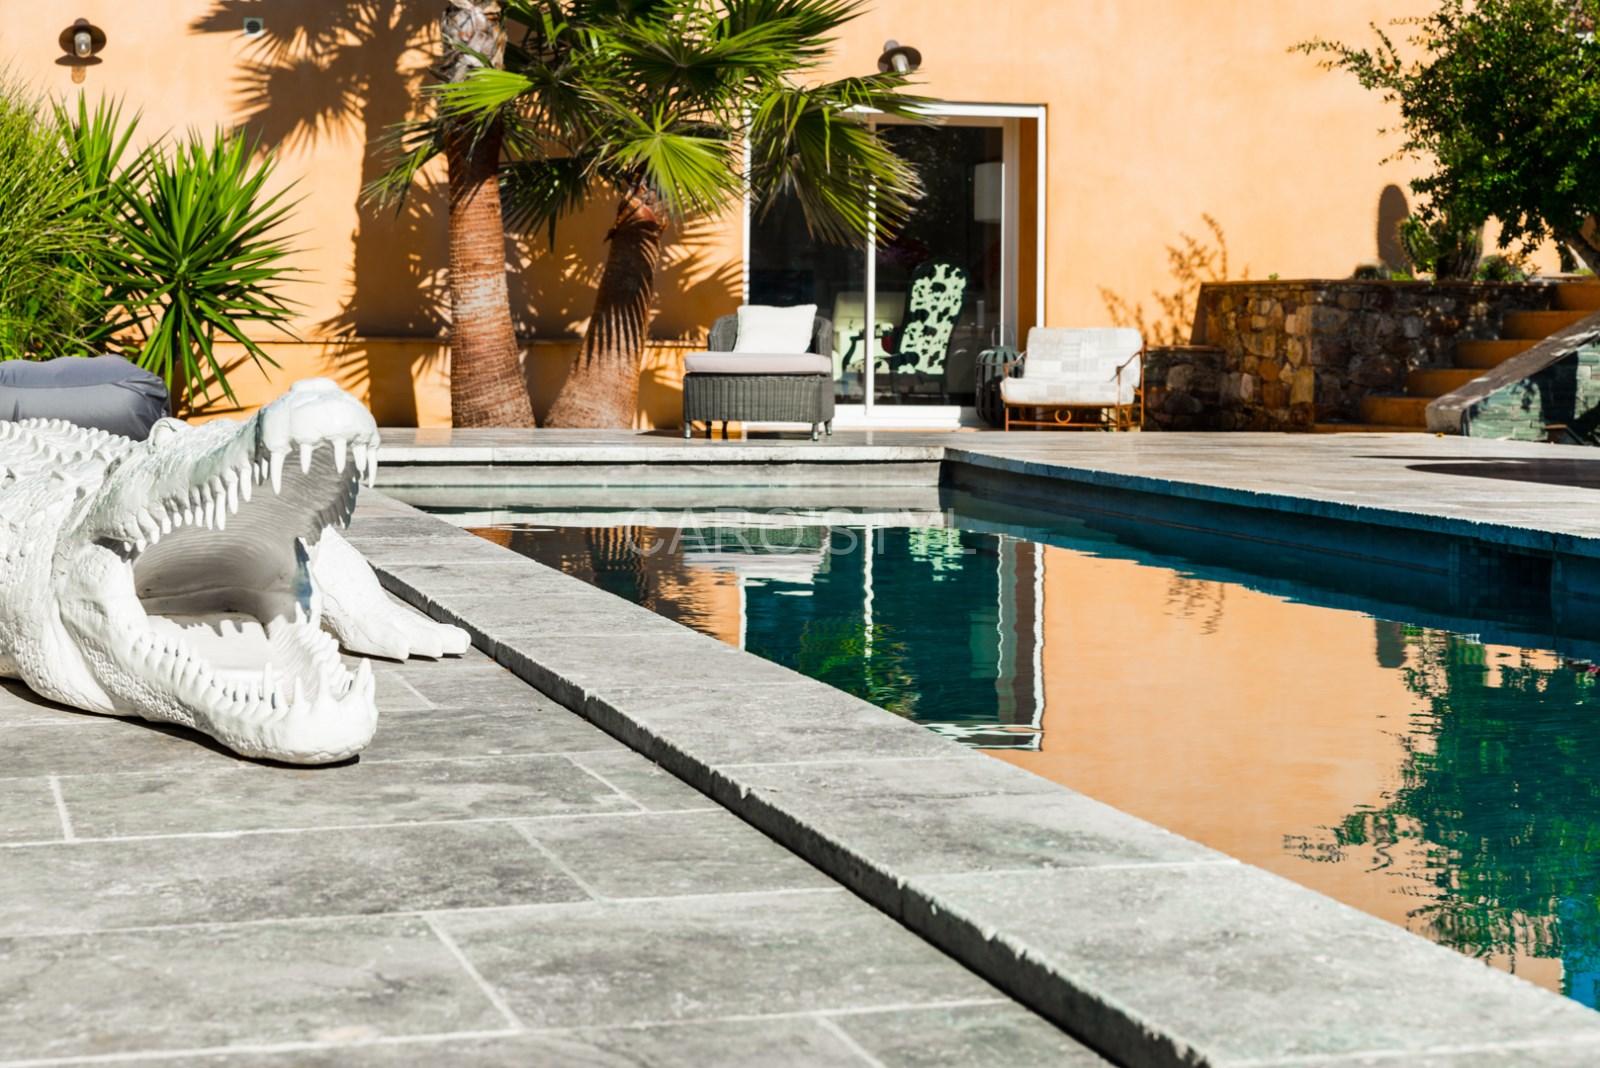 Piscine en pierre naturelle travertin gris, pour une piscine aux ...